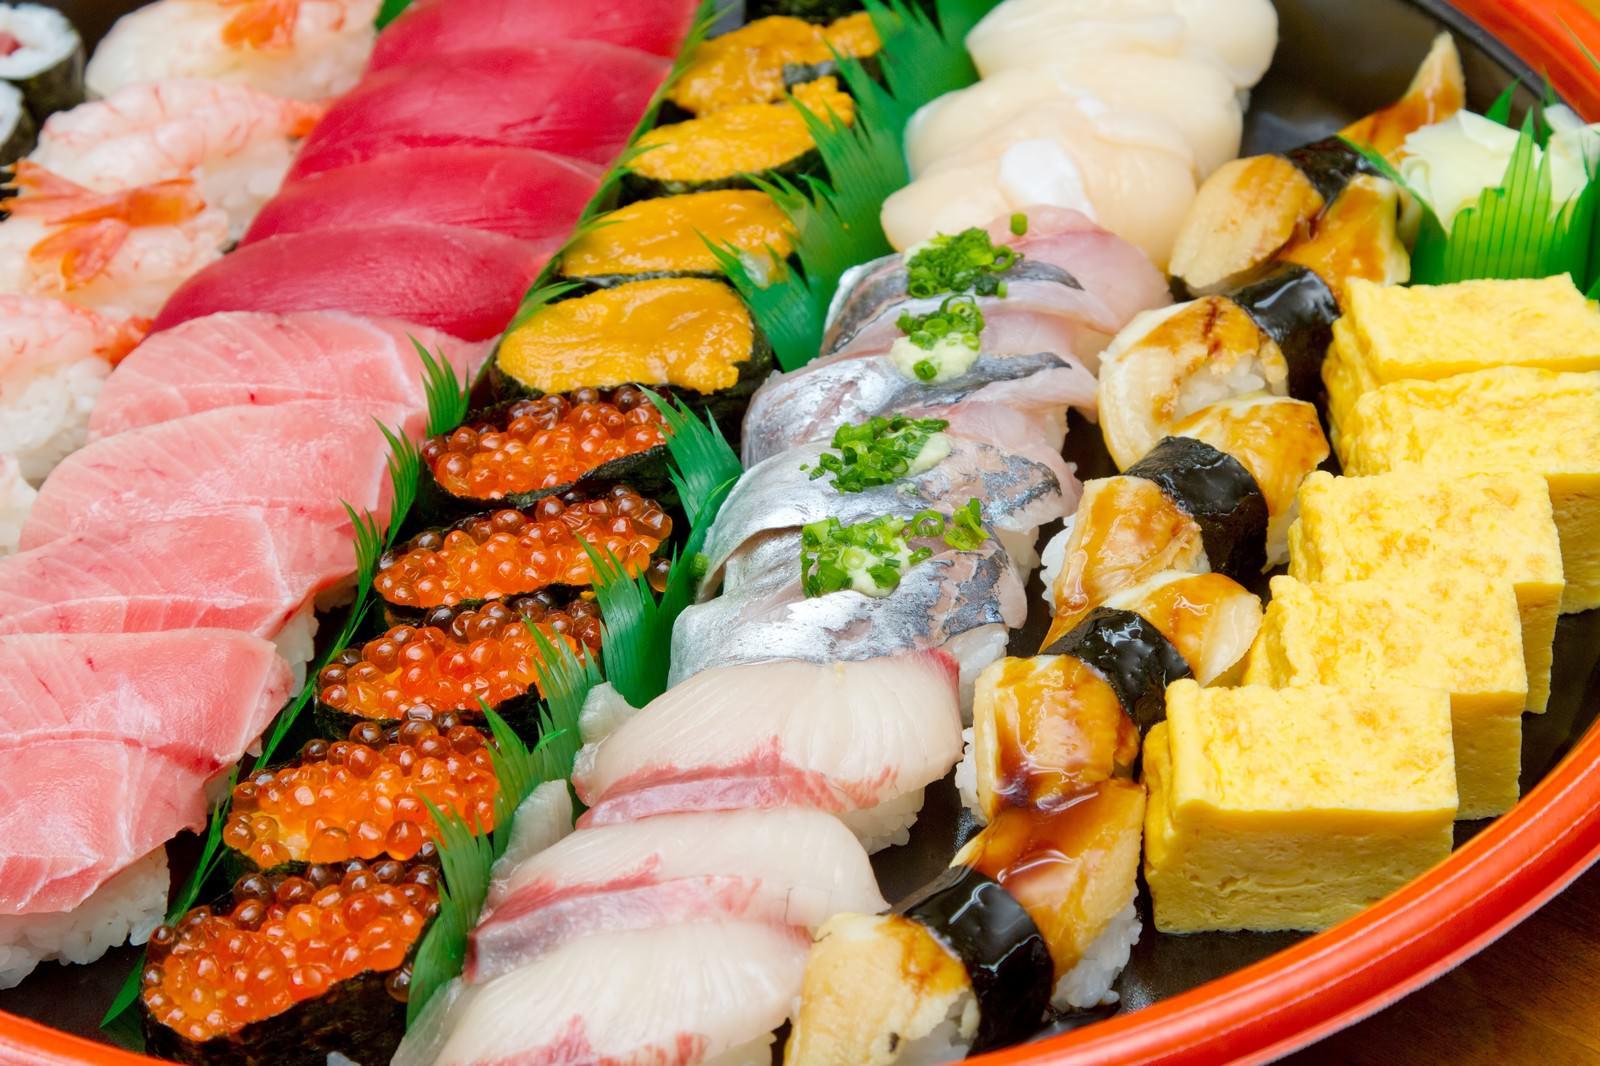 唇齿间的艺术和食《最受欢迎日本料理完全图解》免费下载PDF版